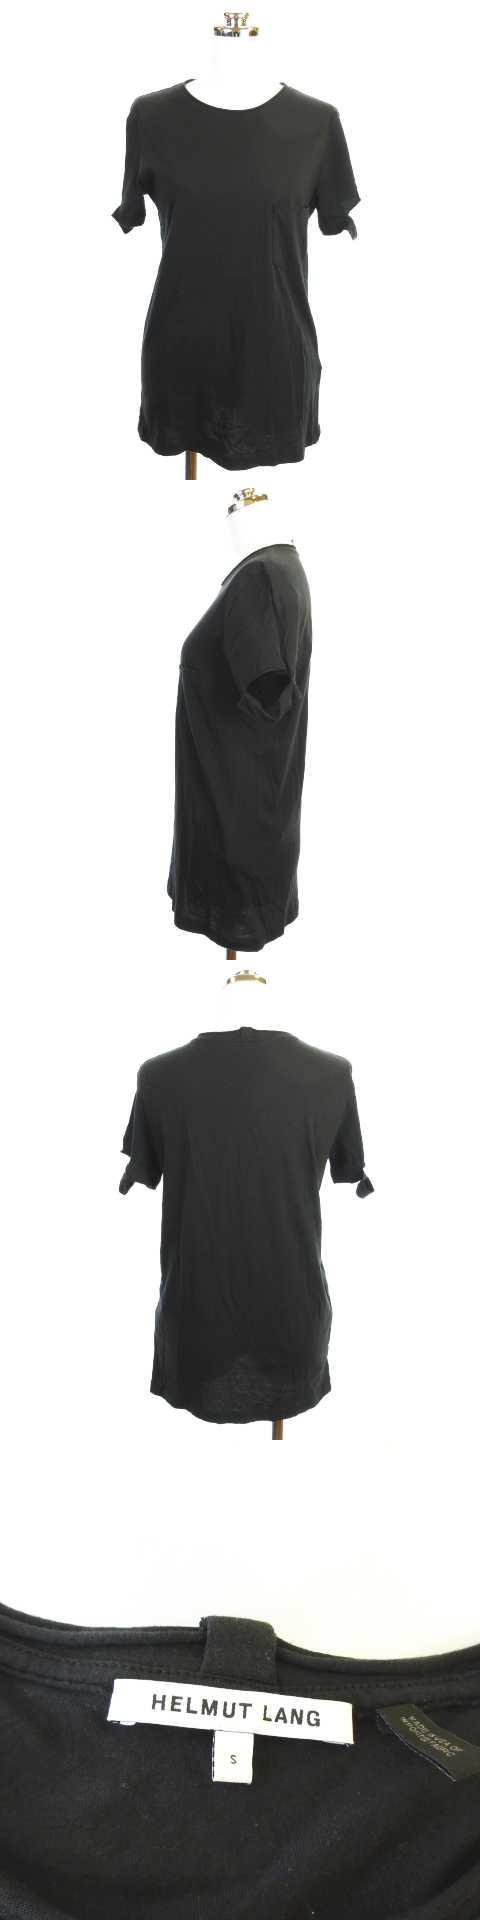 カットソー Tシャツ ポケT ラウンドネック USA製 半袖 ブラック 黒 S KK0507